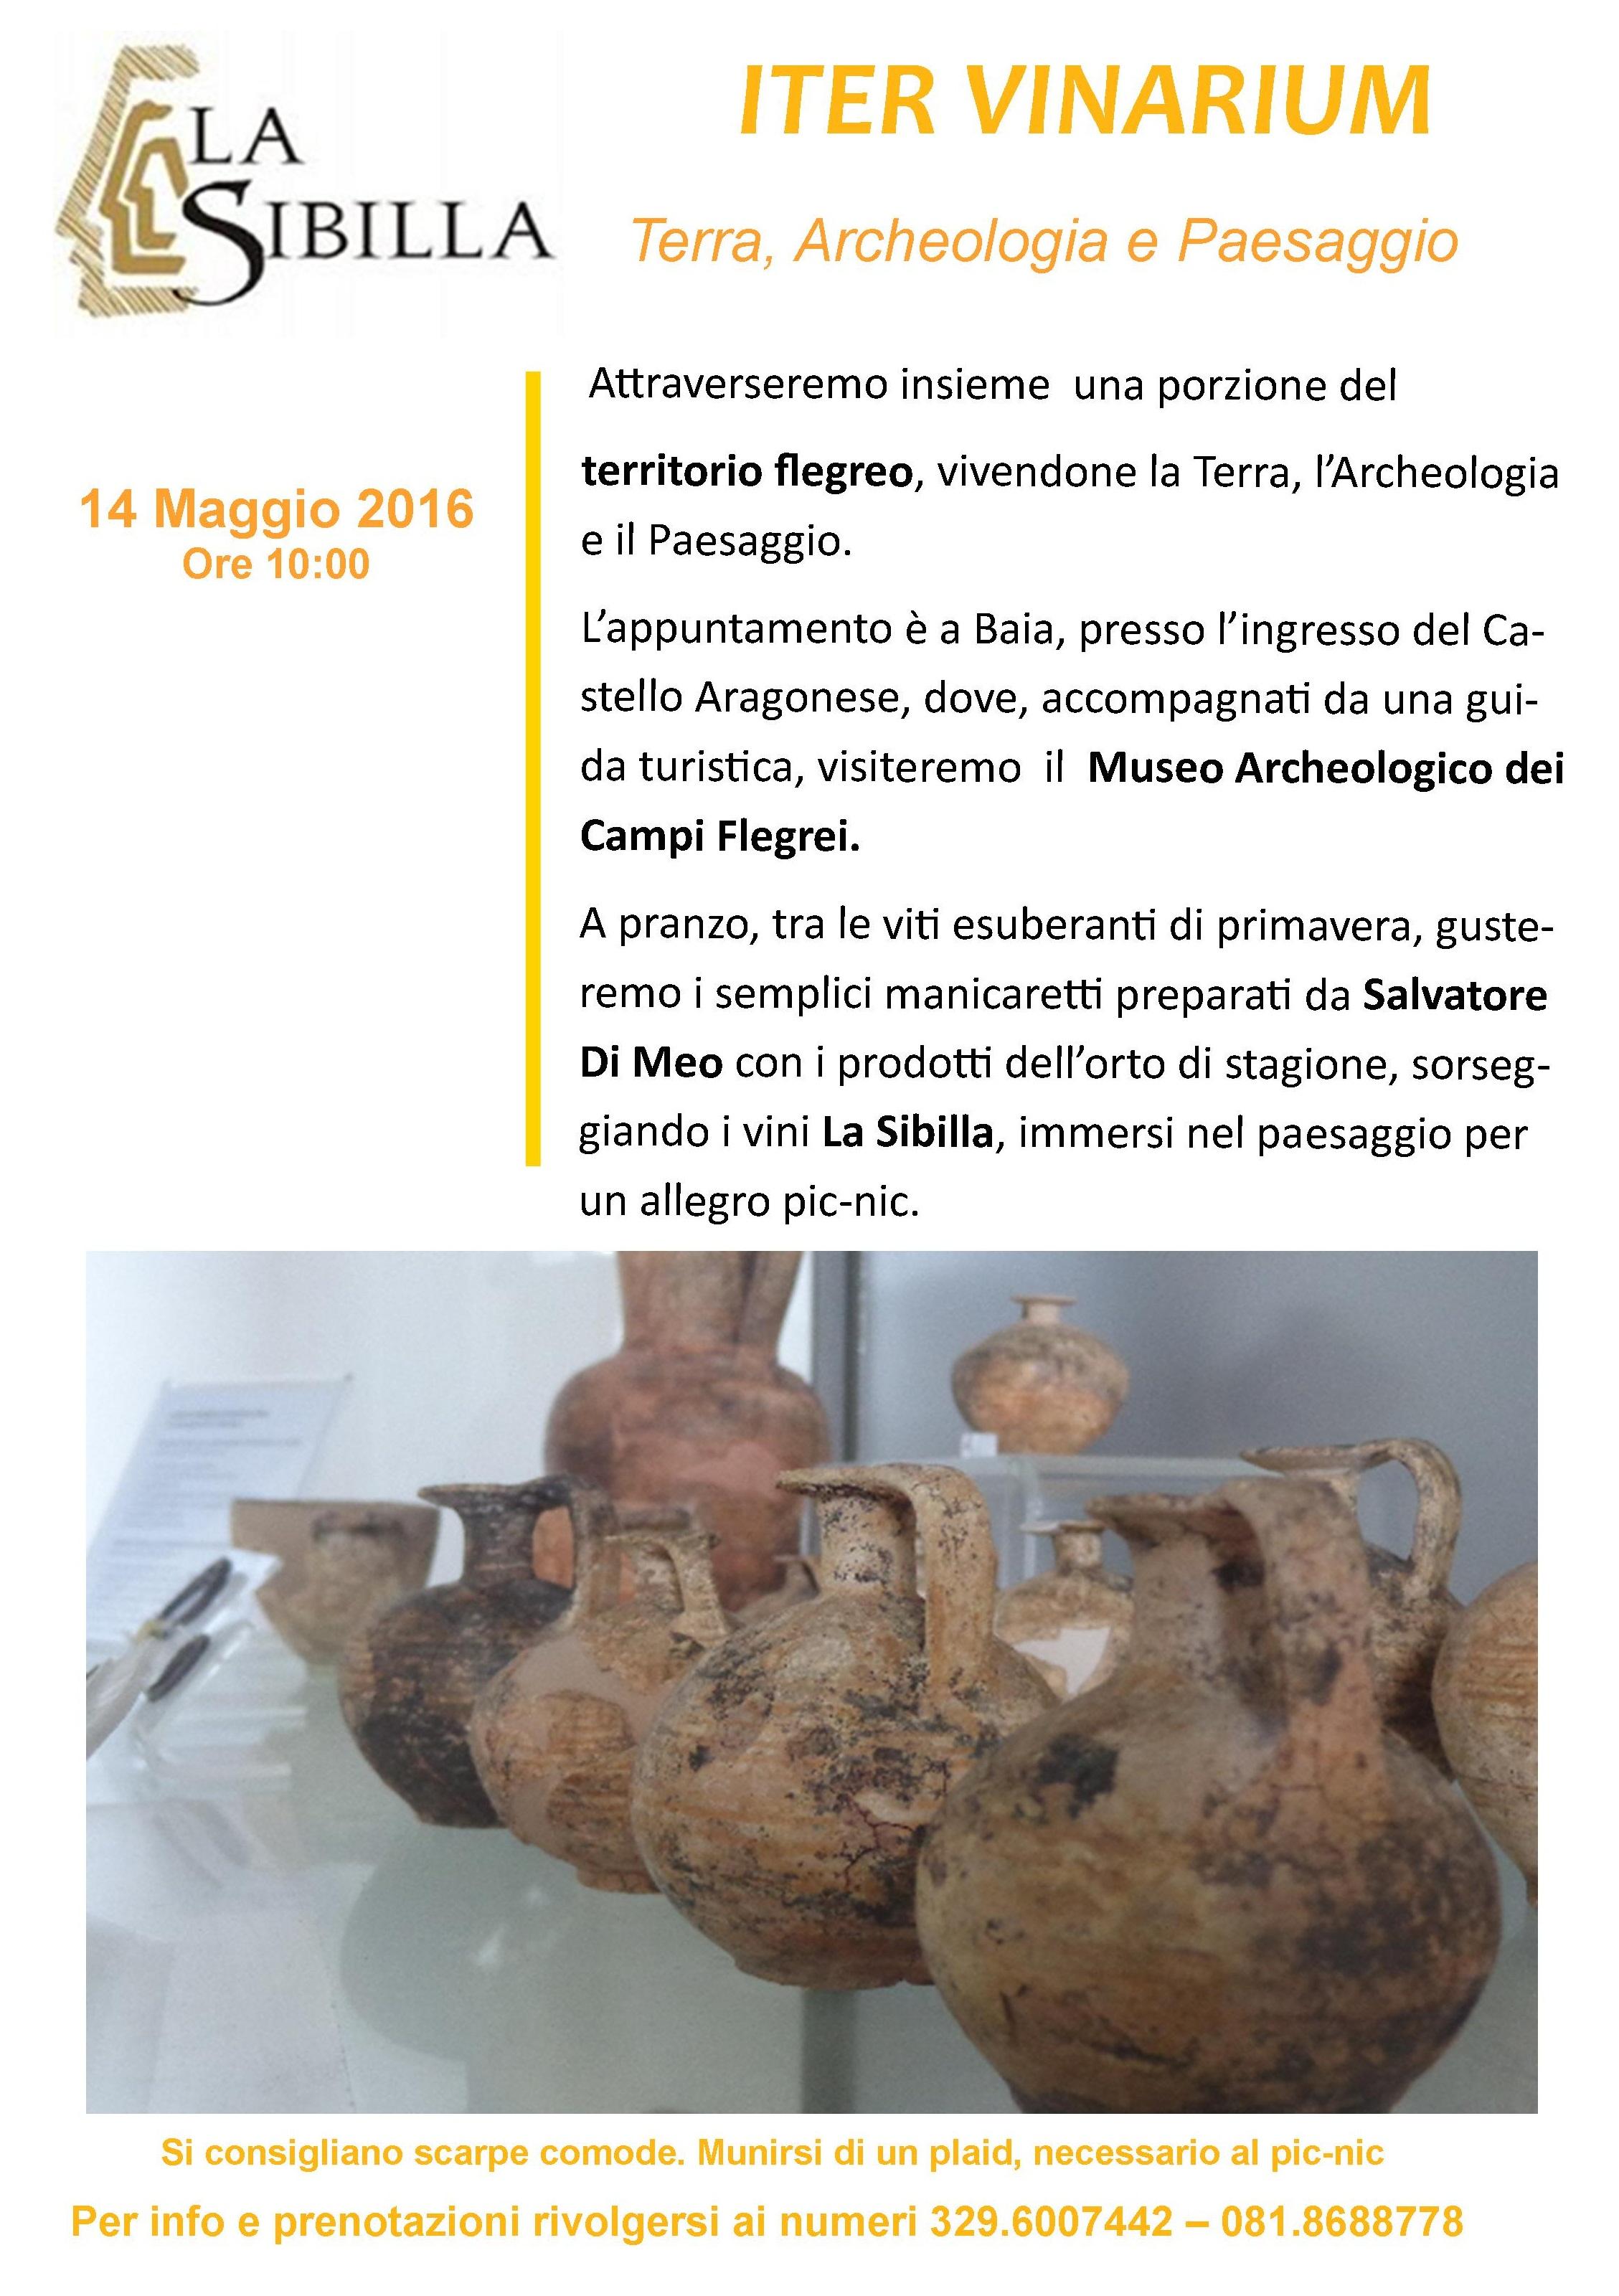 IterVinarium al Castello